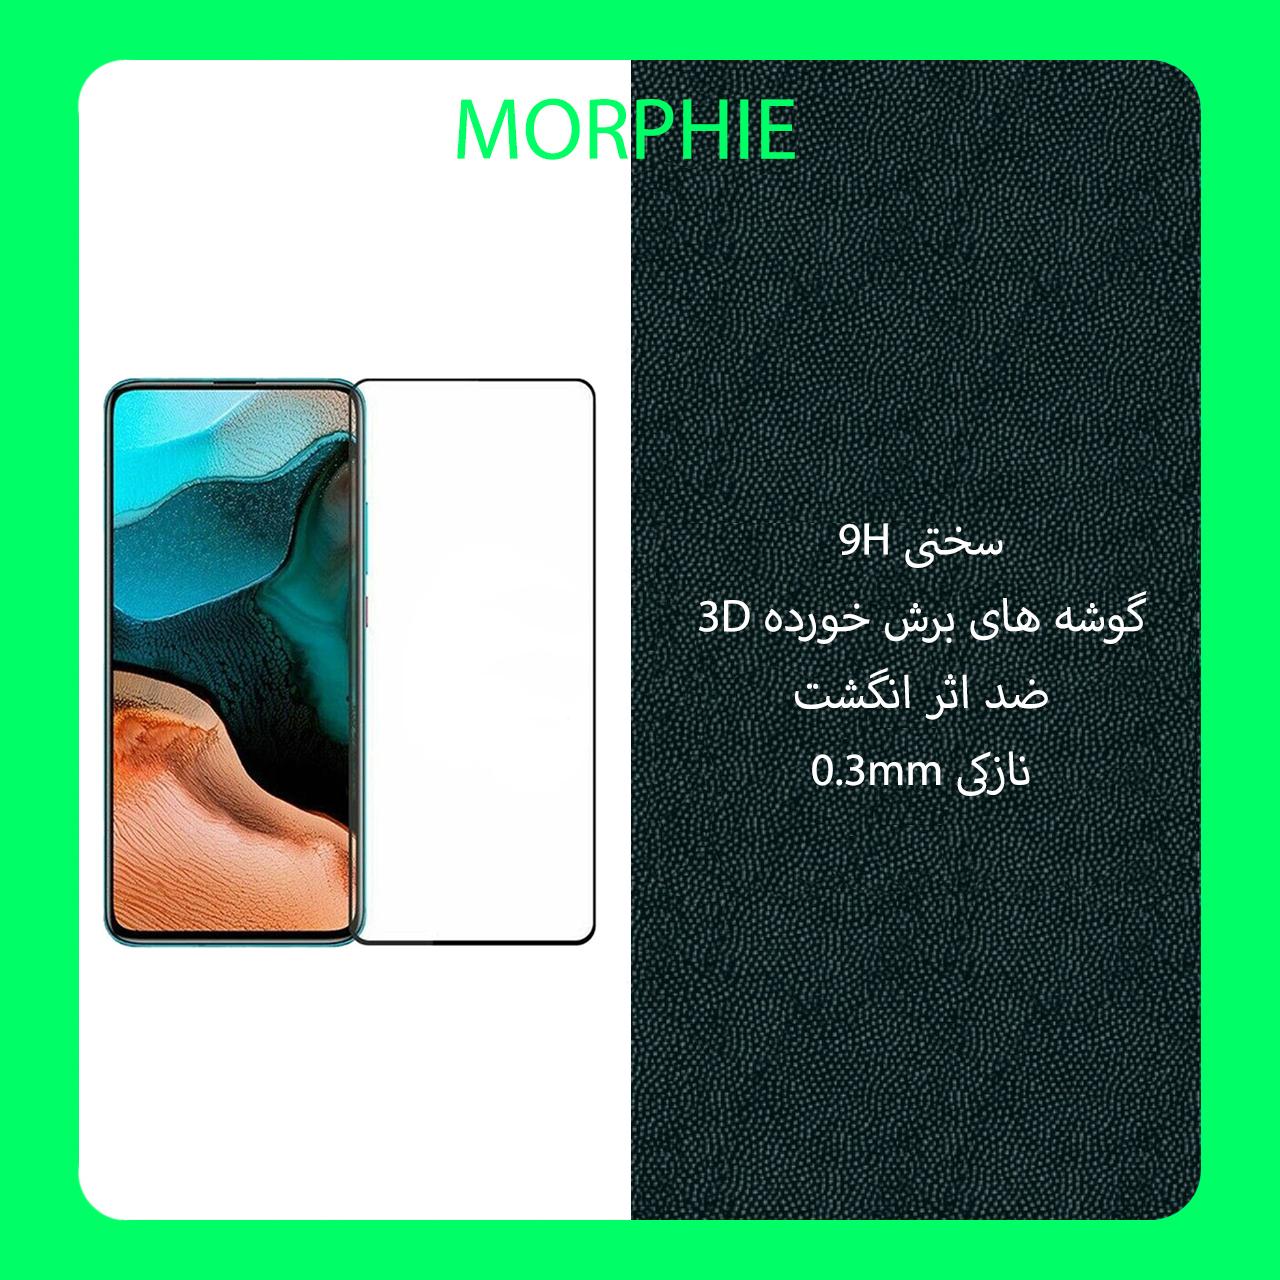 محافظ صفحه نمایش مورفی مدل GL3_3 مناسب برای گوشی موبایل شیائومی Poco F2 بسته 3 عددی